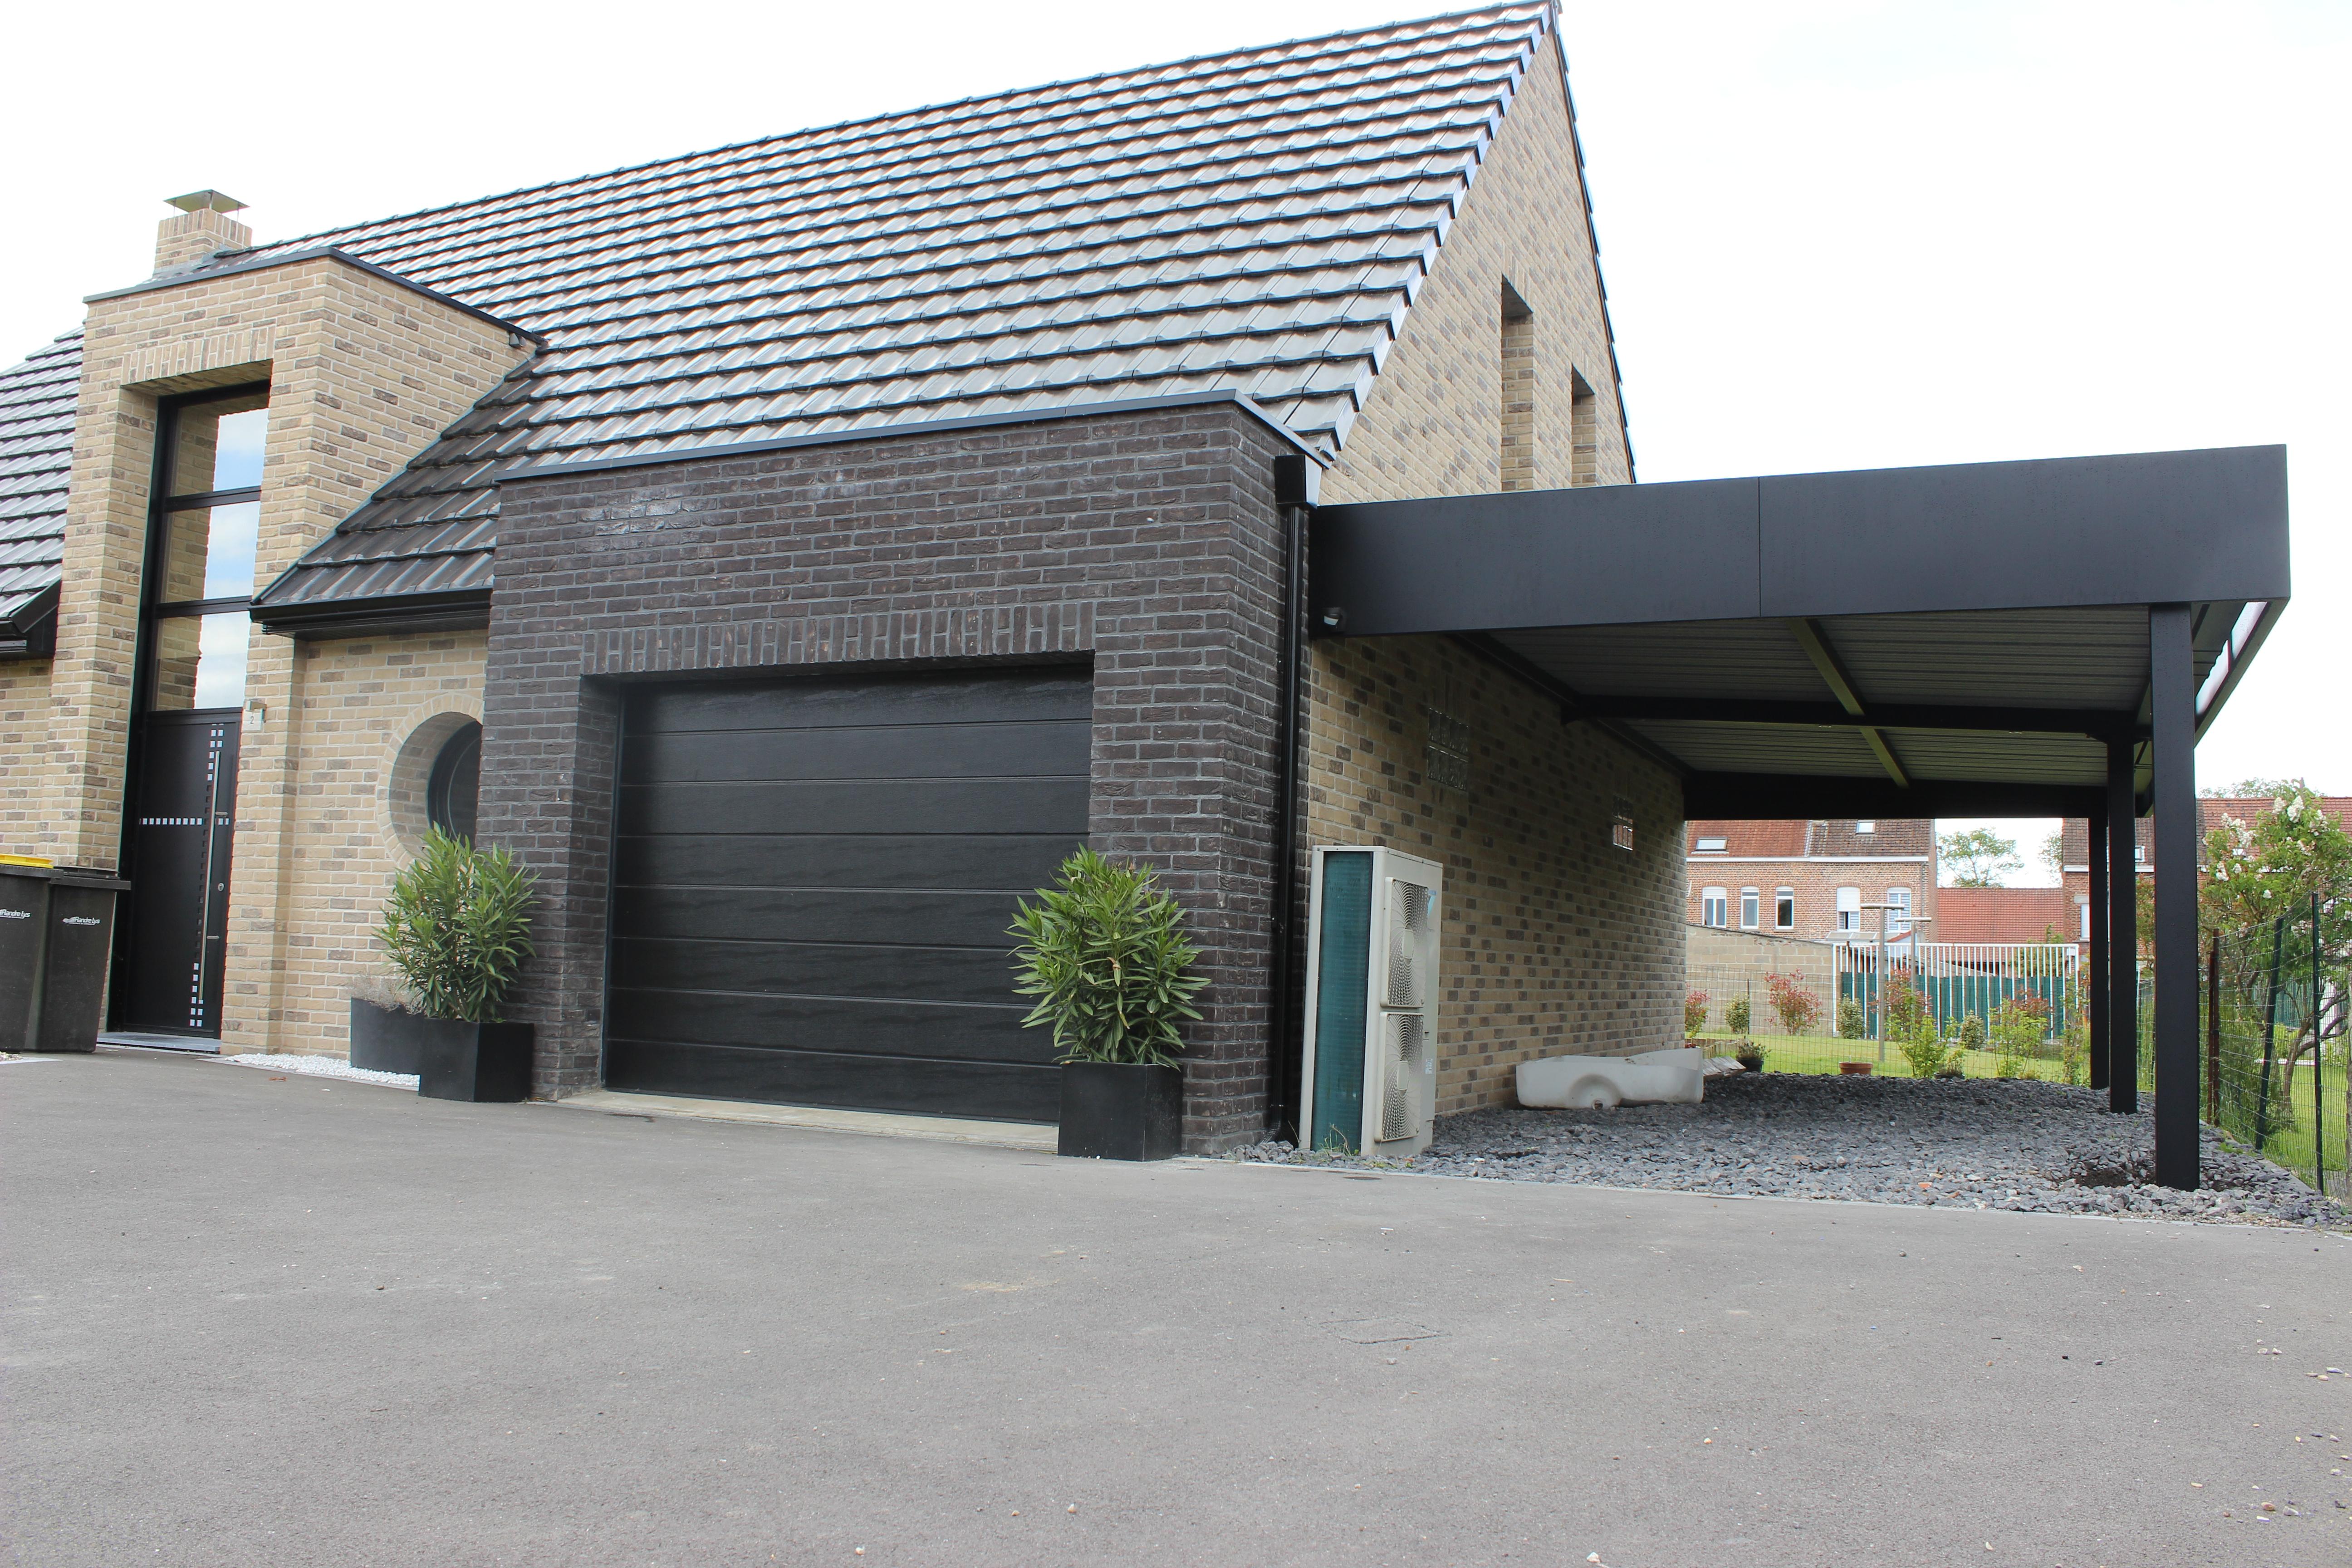 Carport Verona 5000 Gris Beau Photos Carport Verona 5000 Gris Oogarden Belgique Carport Alu Belgique